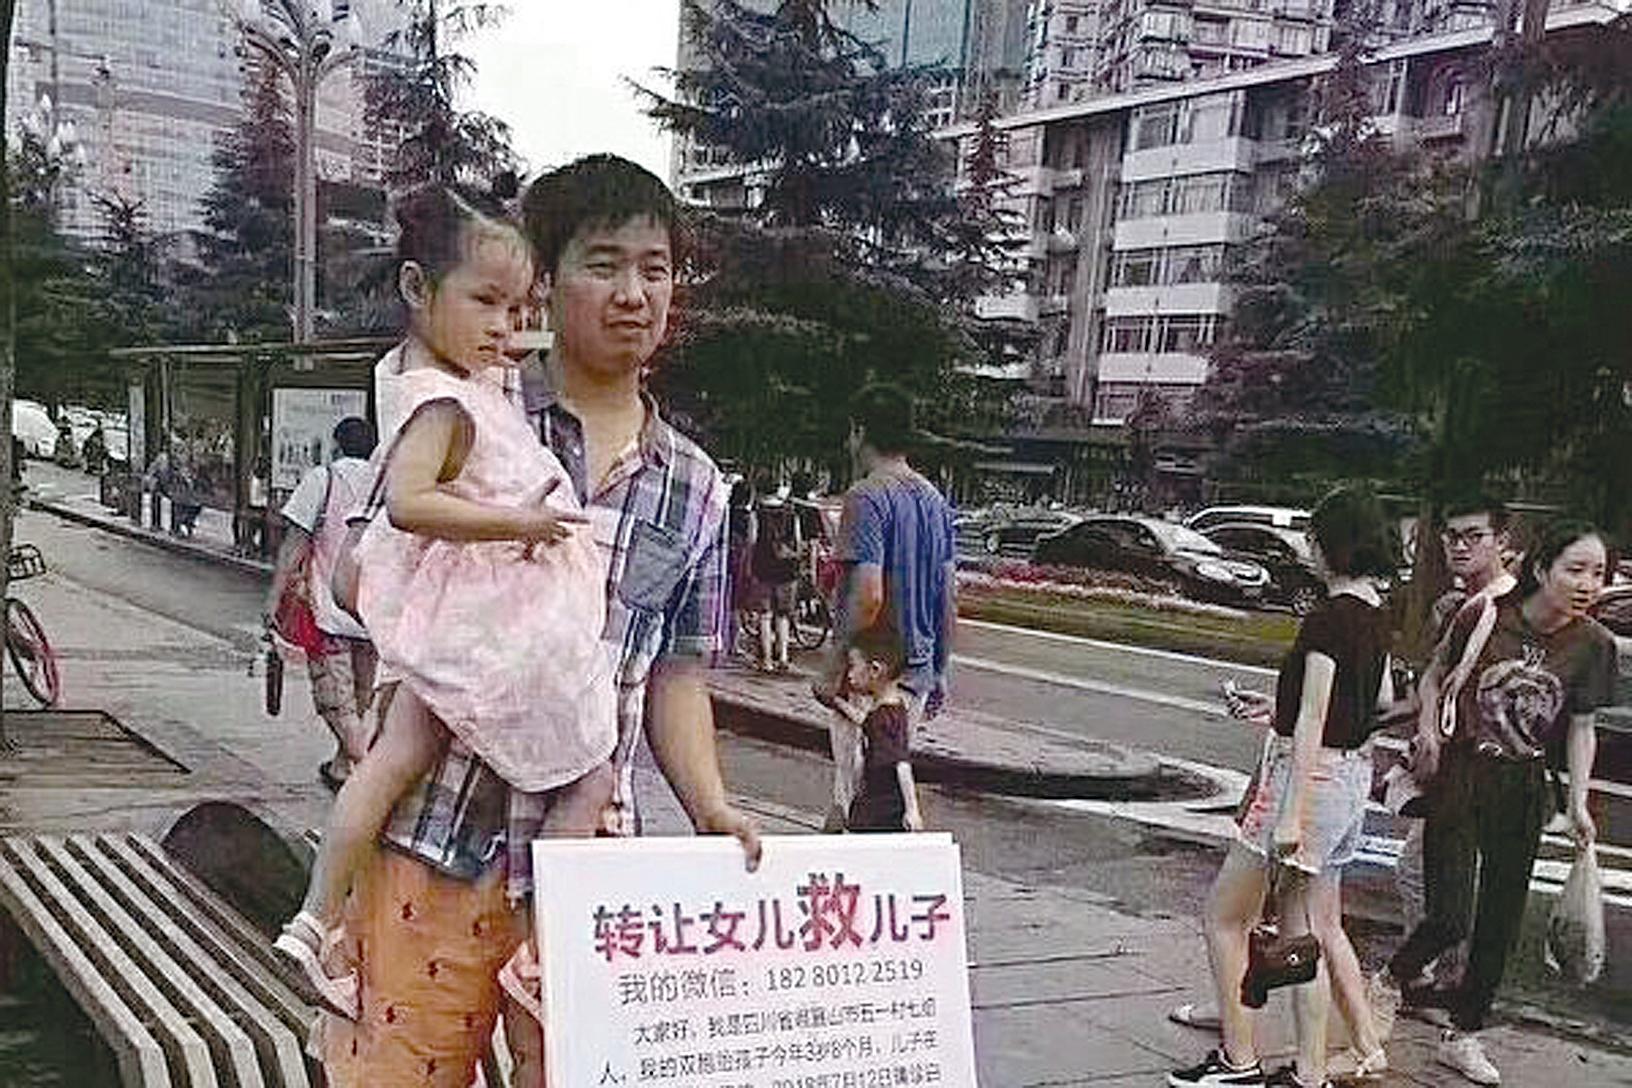 2018年,四川一名年輕爸爸在網上發了一張和女兒的合照,寫著「轉讓女兒救兒子」,為患白血病兒子籌醫藥費。(受訪者提供)